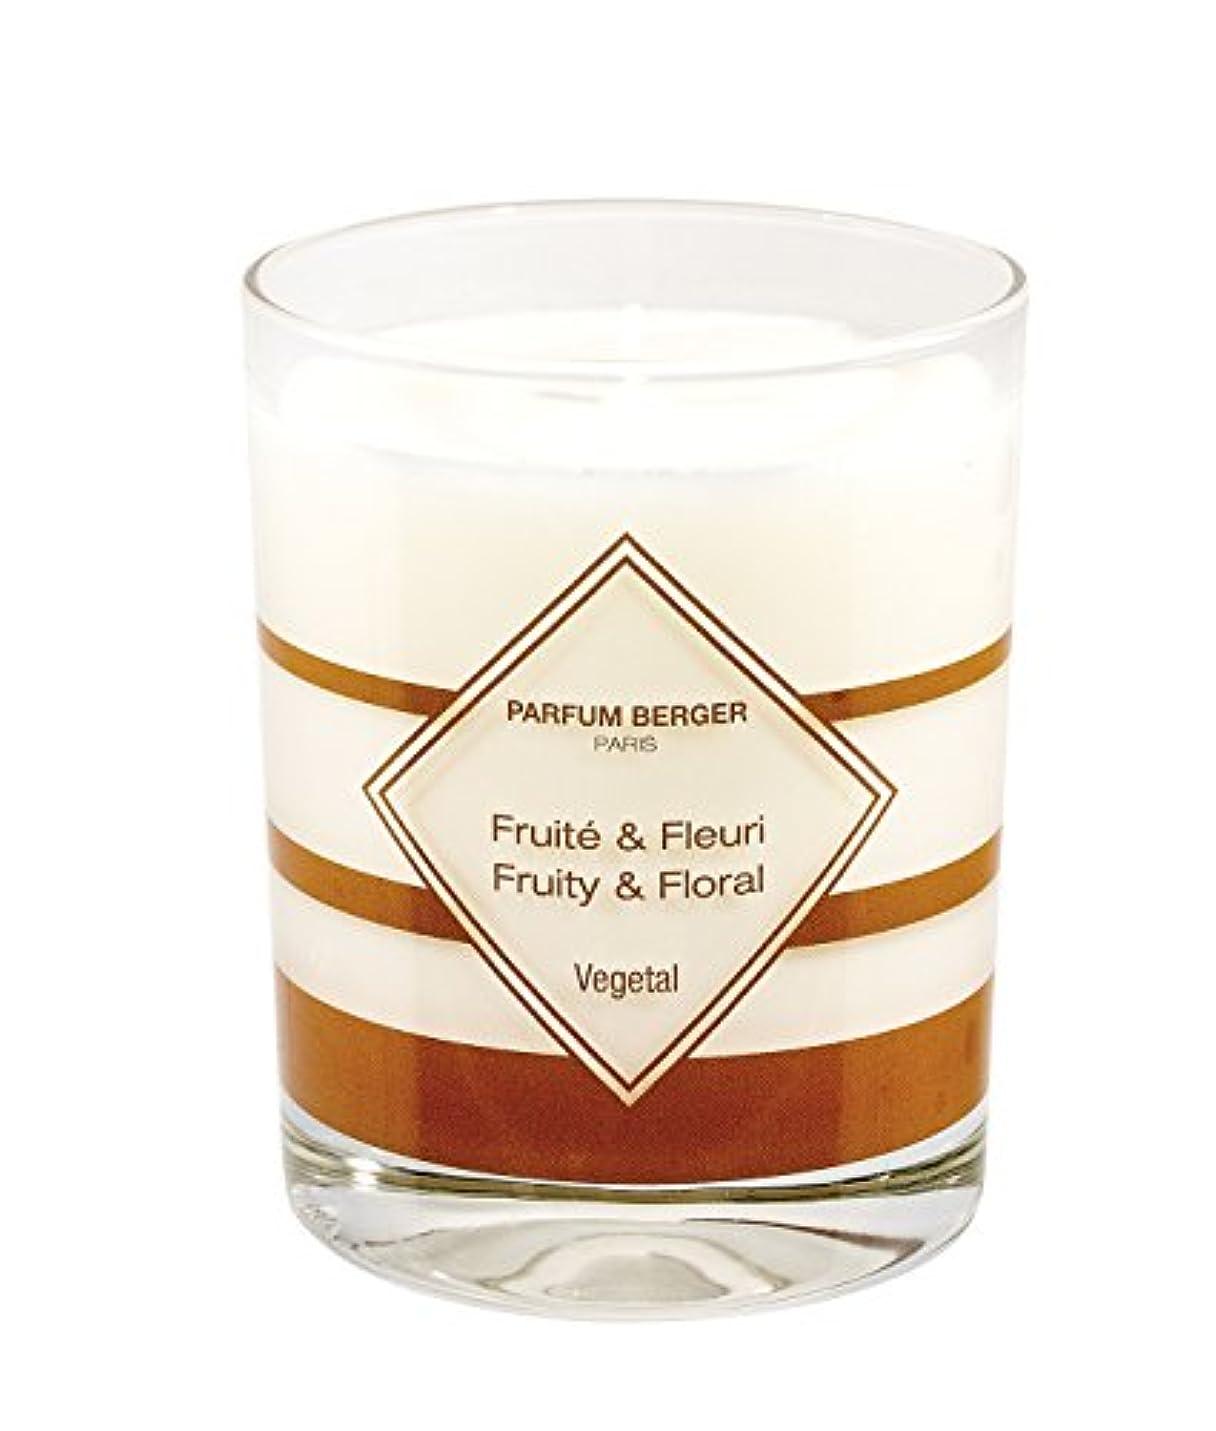 サミュエル農学取り扱いParfum Berger/Lampe BergerアンチペットOdor Scented Candle – ガラス – ホワイト、10 x 10 x 10 cm